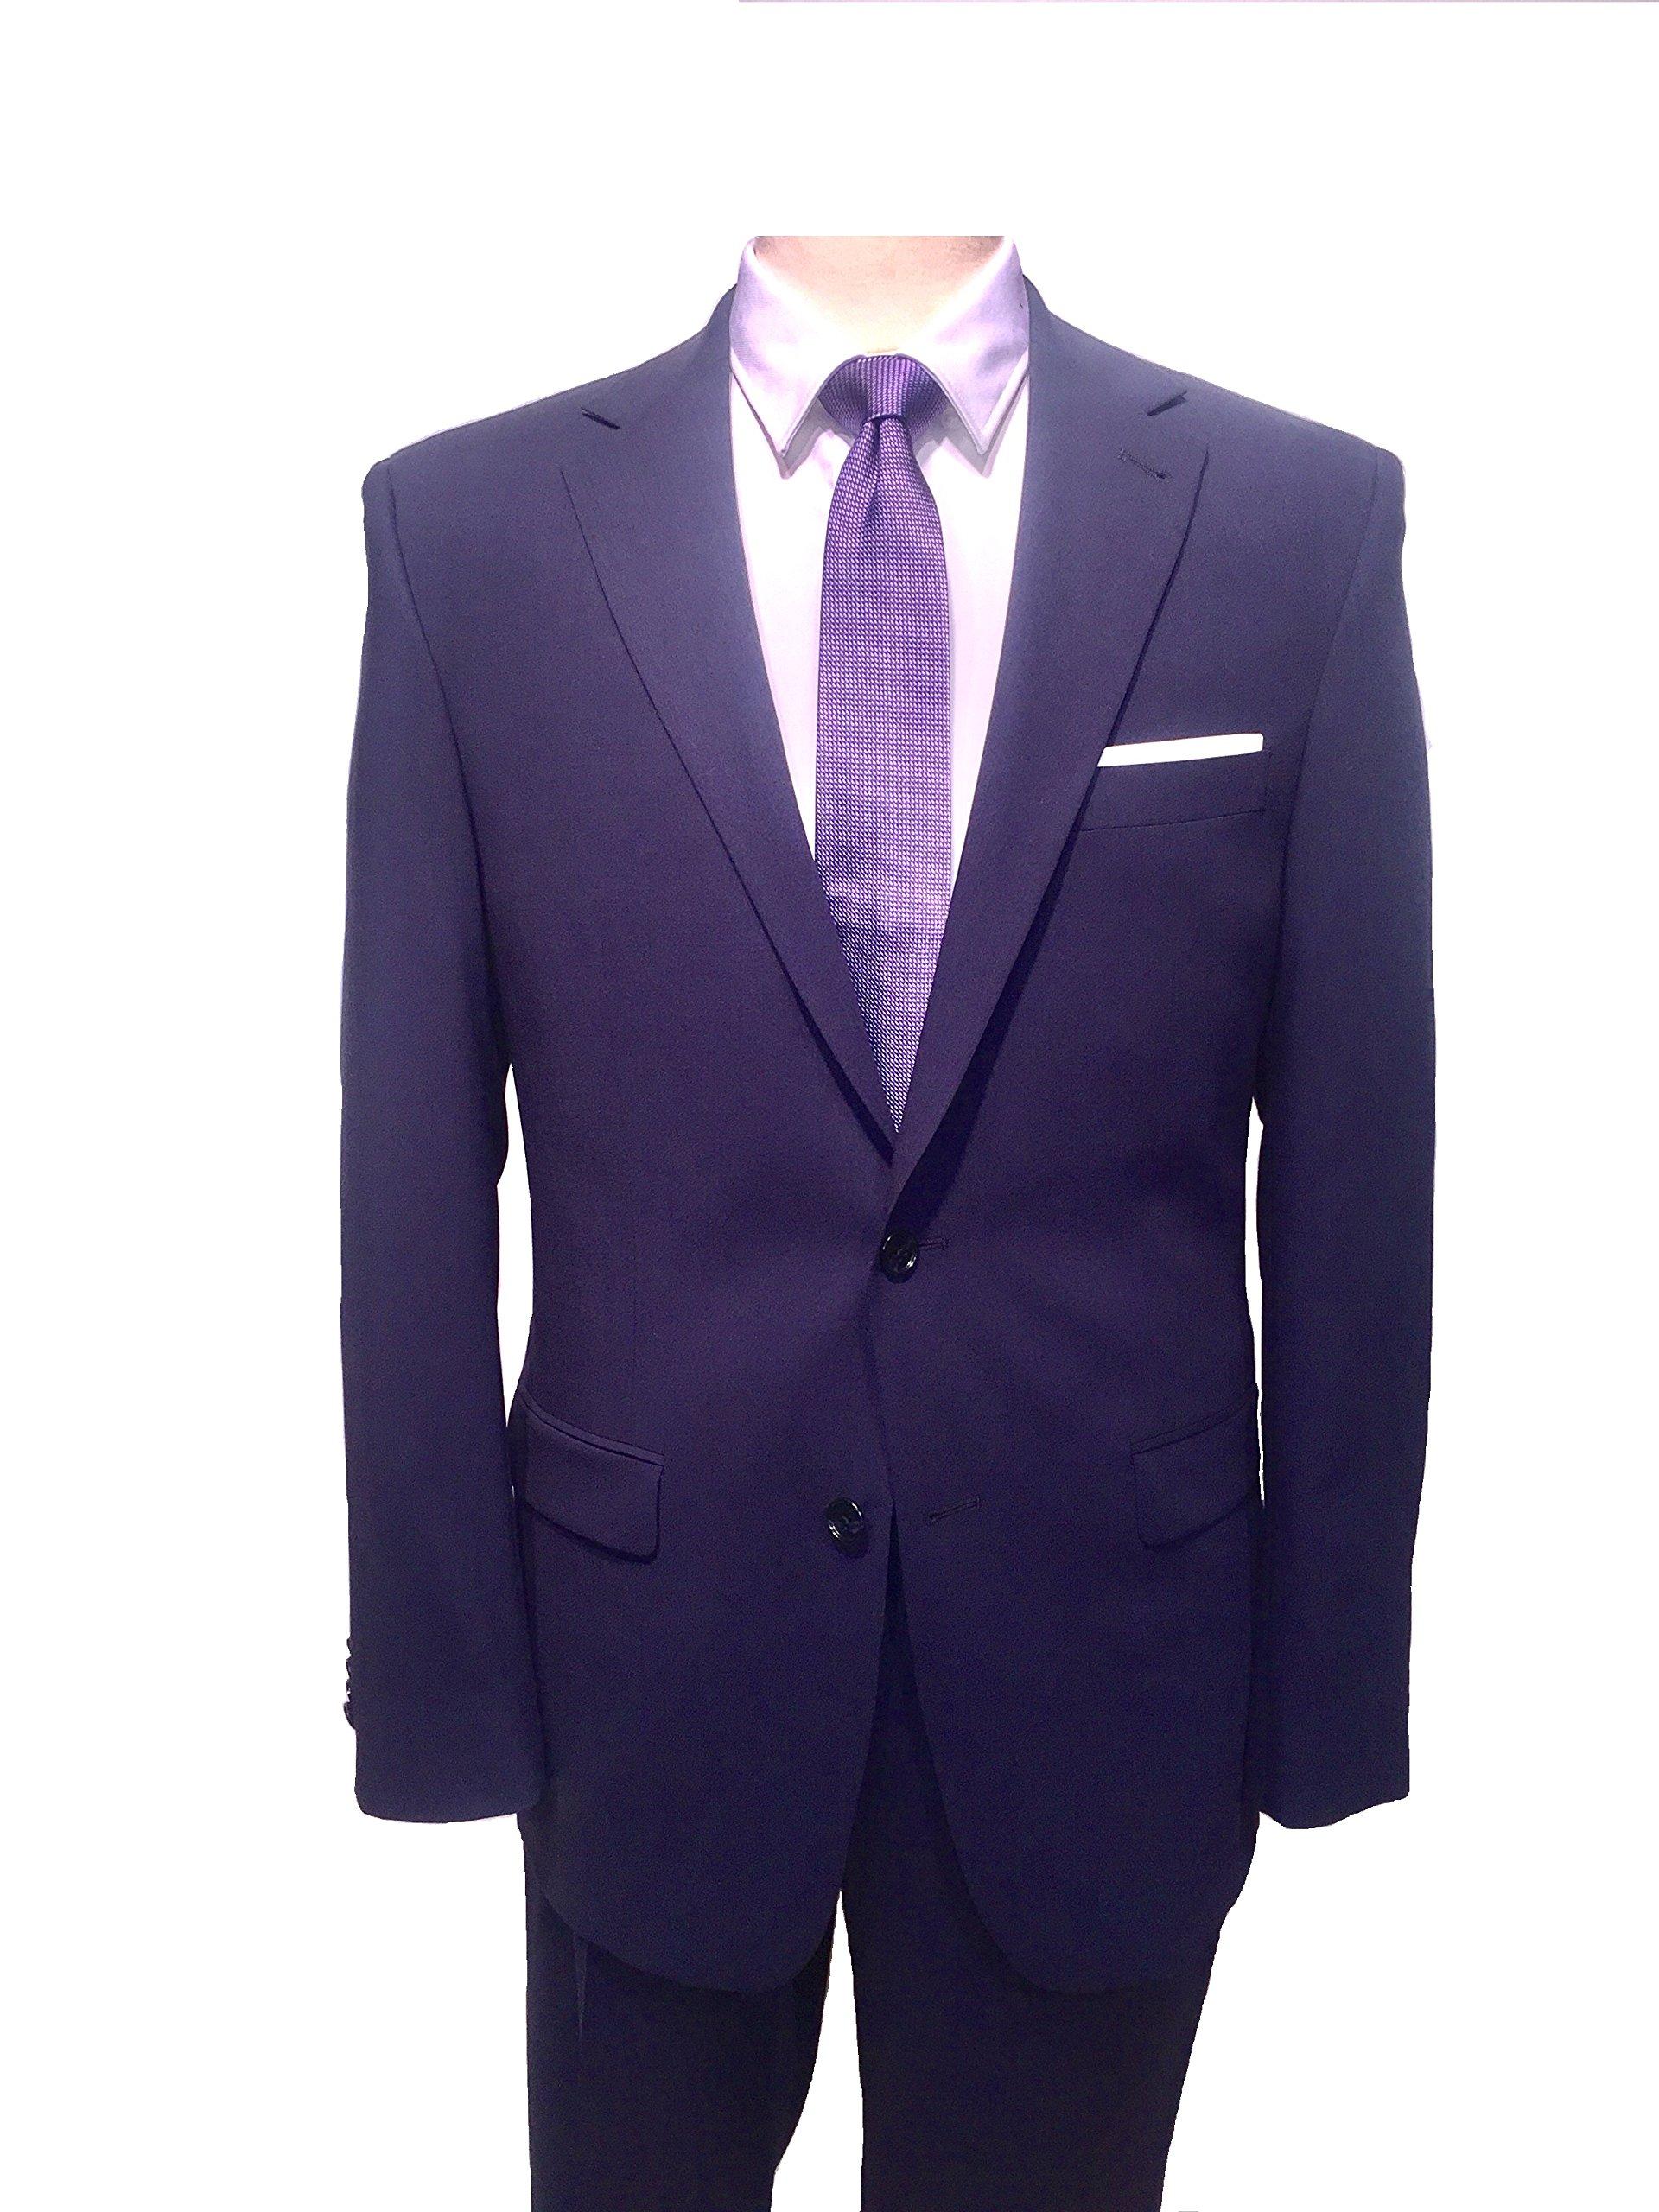 S. Cohen Men's Travel, Modern Fit Smart Suit 46 Long Blue